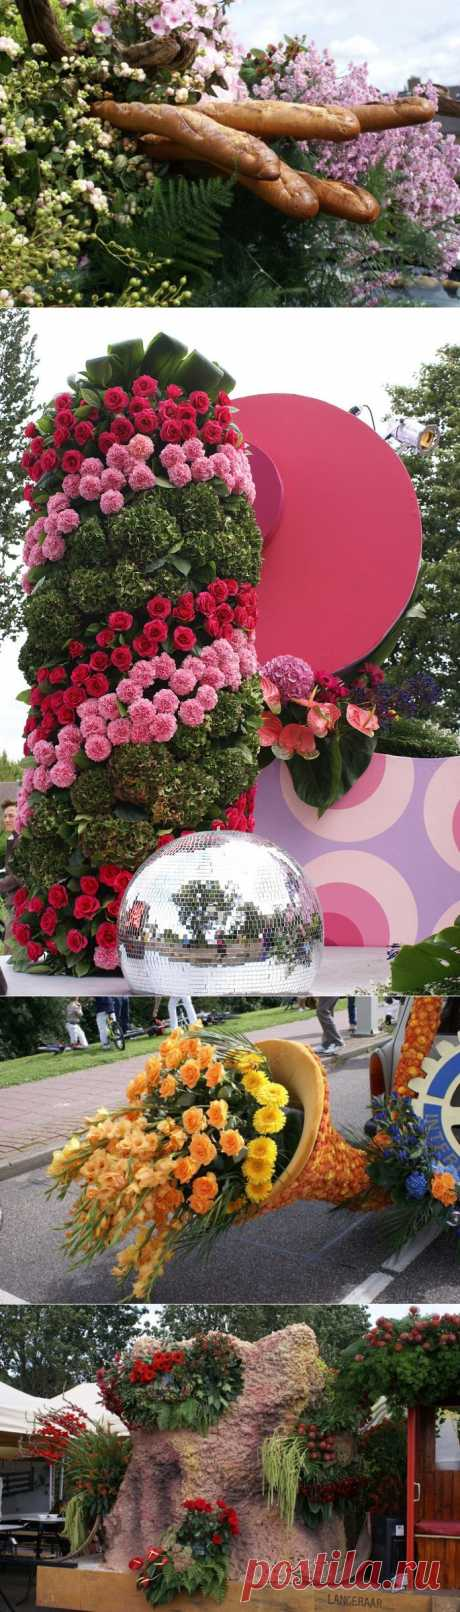 Вокруг Света: Парад цветов в Аалсмеере (Голландия)